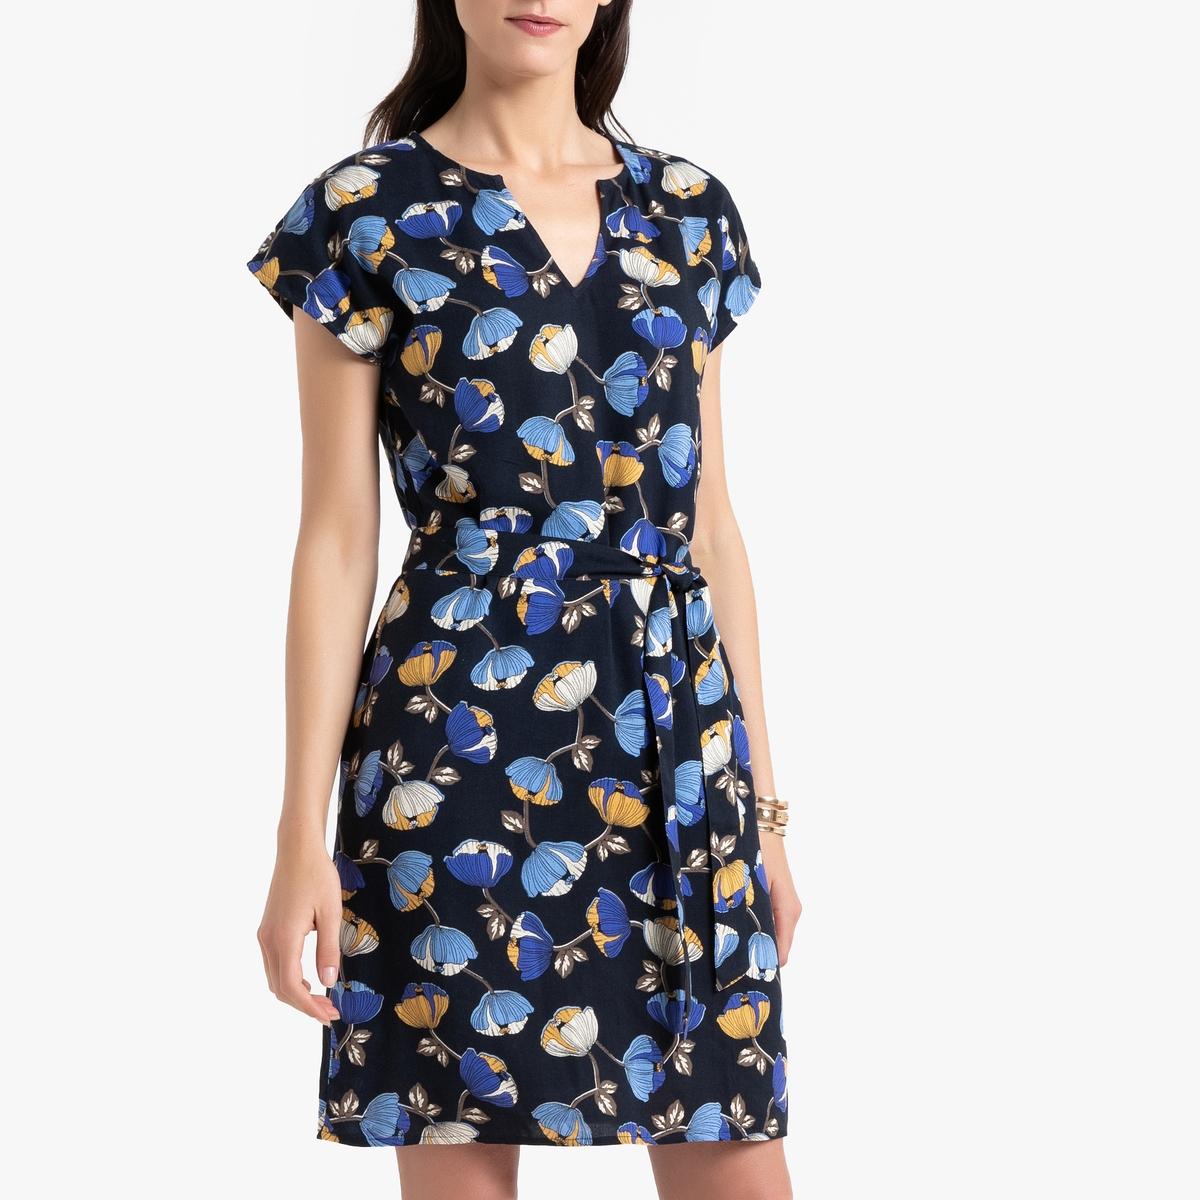 Платье La Redoute Прямое с цветочным рисунком 38 (FR) - 44 (RUS) синий платье прямое с цветочным рисунком и контрастной полосой сзади